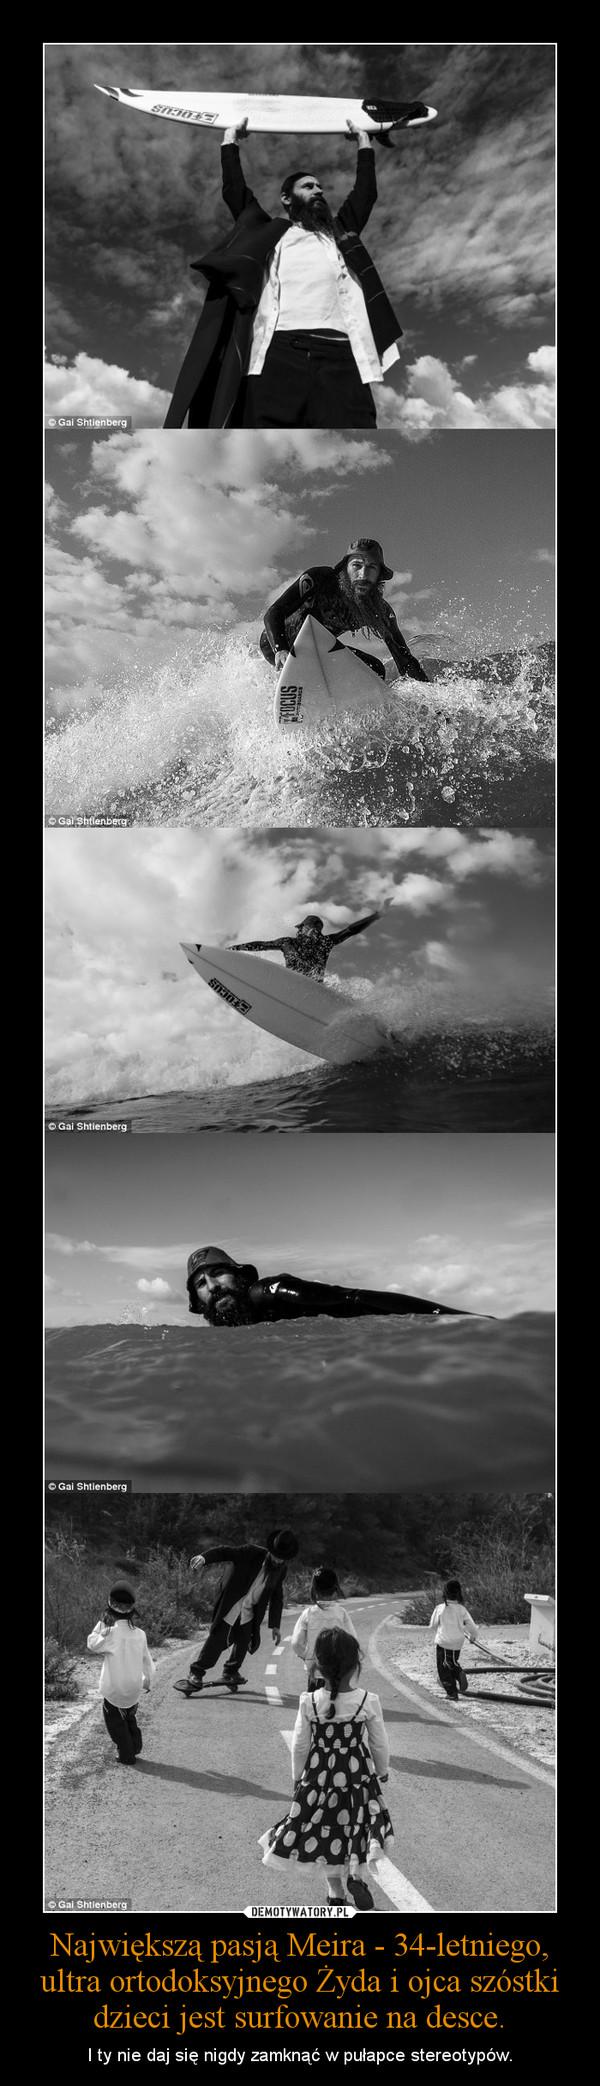 Największą pasją Meira - 34-letniego, ultra ortodoksyjnego Żyda i ojca szóstki dzieci jest surfowanie na desce. – I ty nie daj się nigdy zamknąć w pułapce stereotypów.